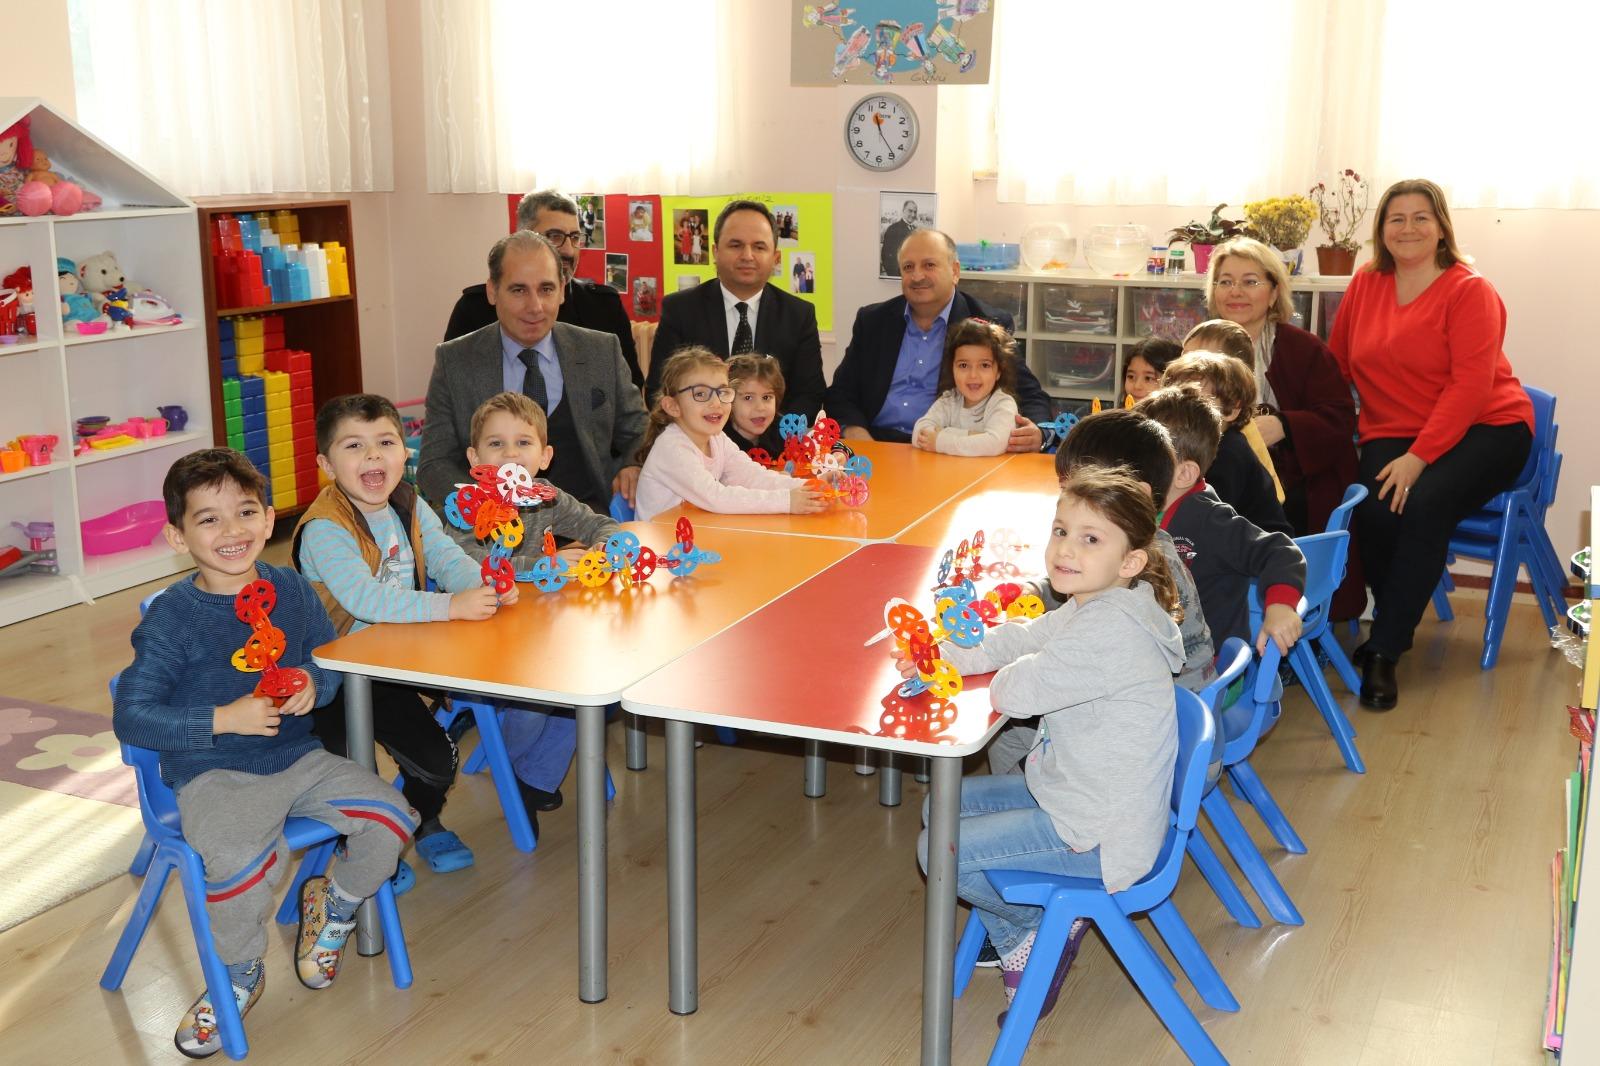 Başkan Tavlı ve Müdür Tokgöz'den Öğrencilere Yeni Yıl Sürprizi